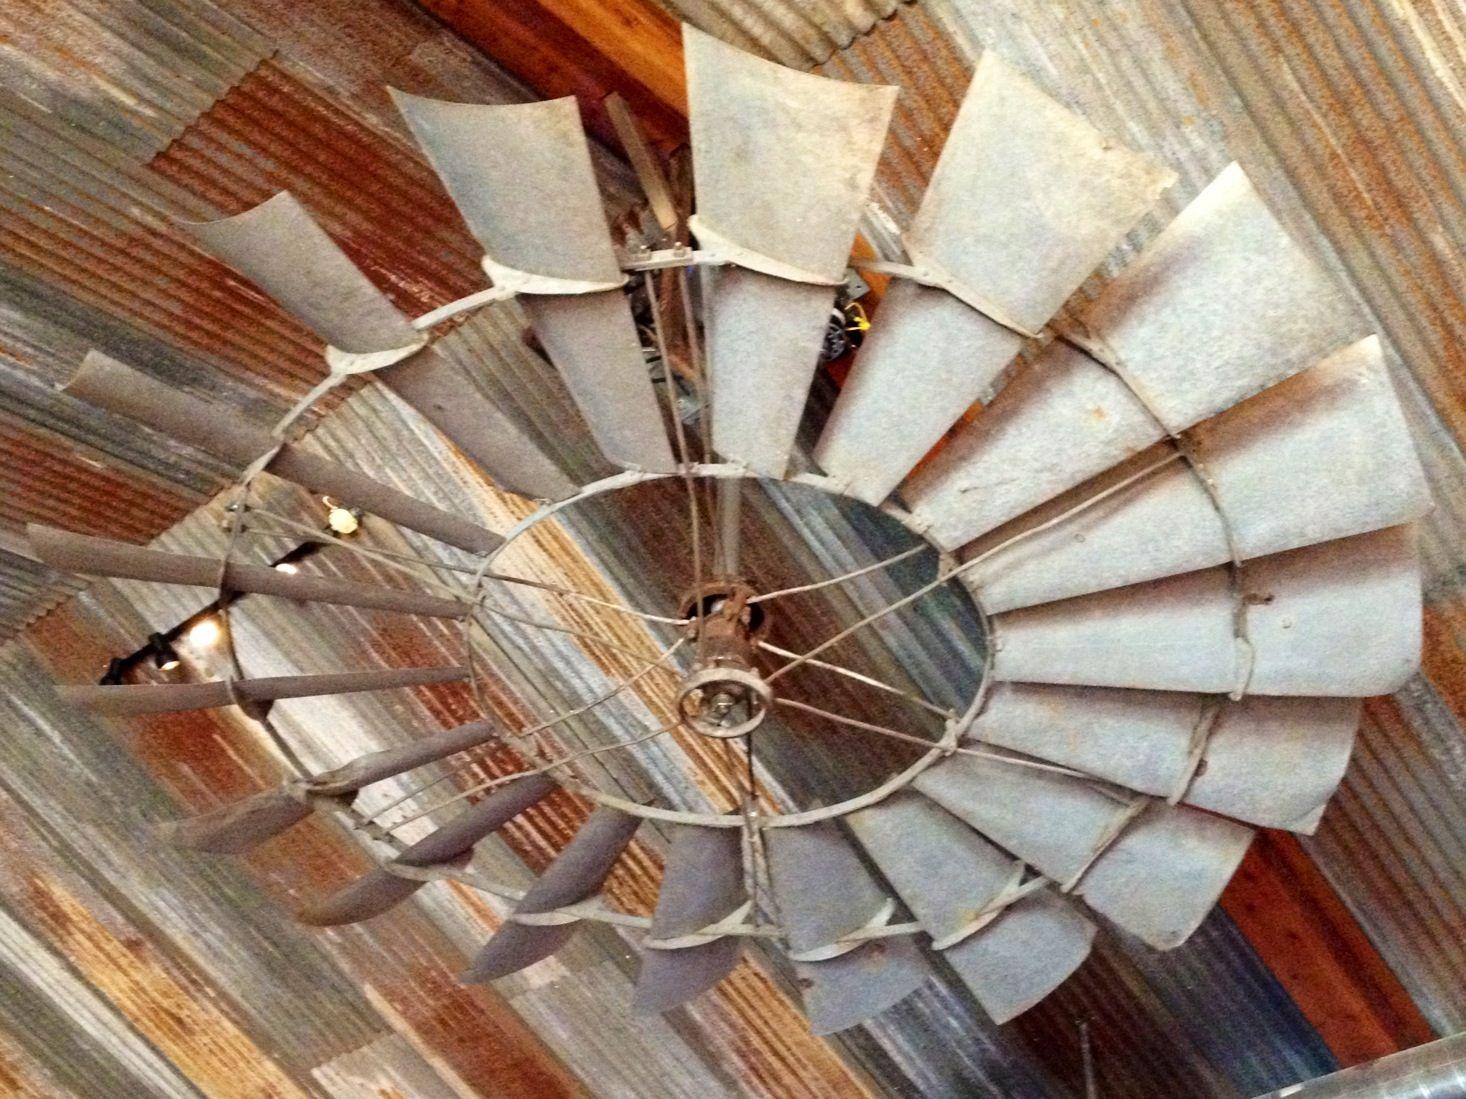 Windmill Ceiling Fan Photo 8 Windmill Ceiling Fan Ceiling Fan